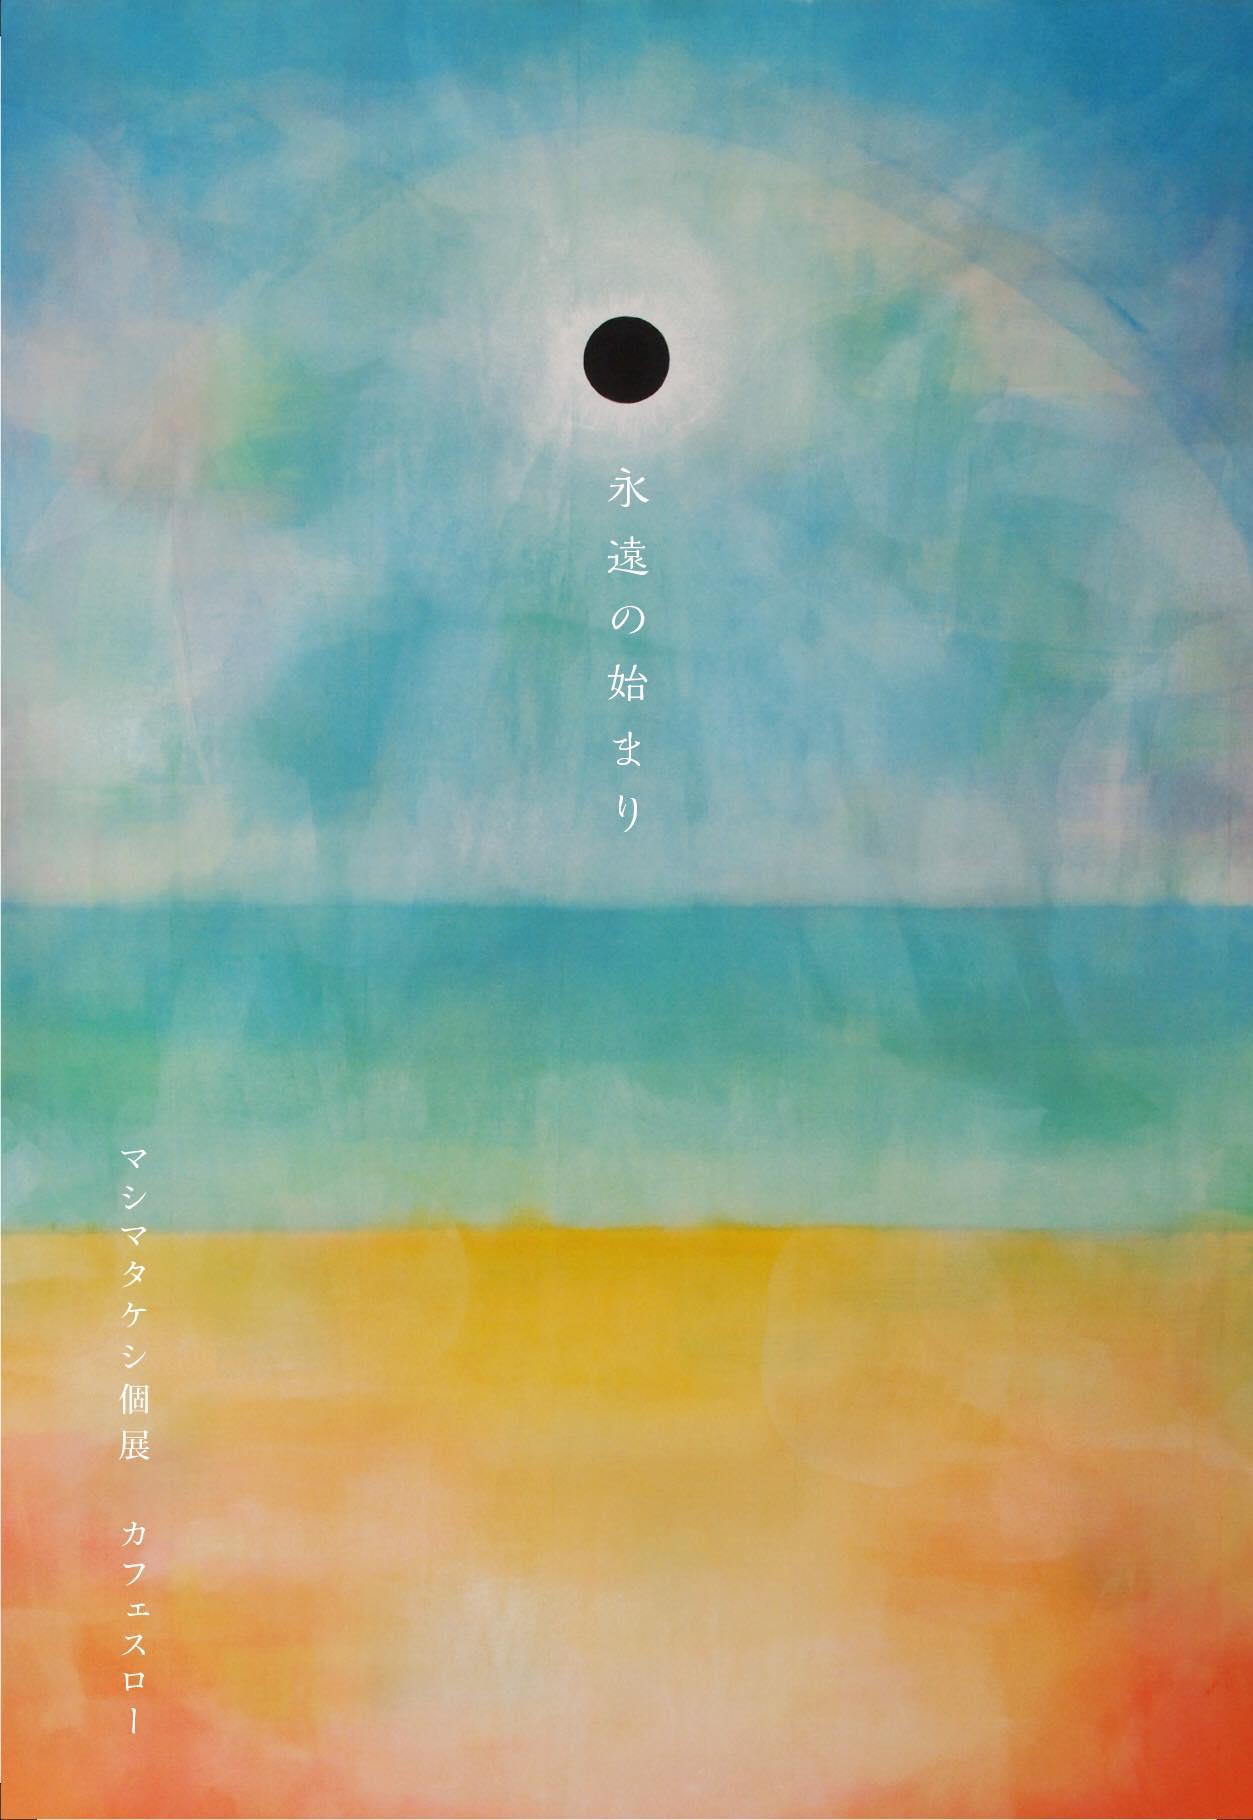 4/9金-14水 永遠の始まり マシマタケシ個展